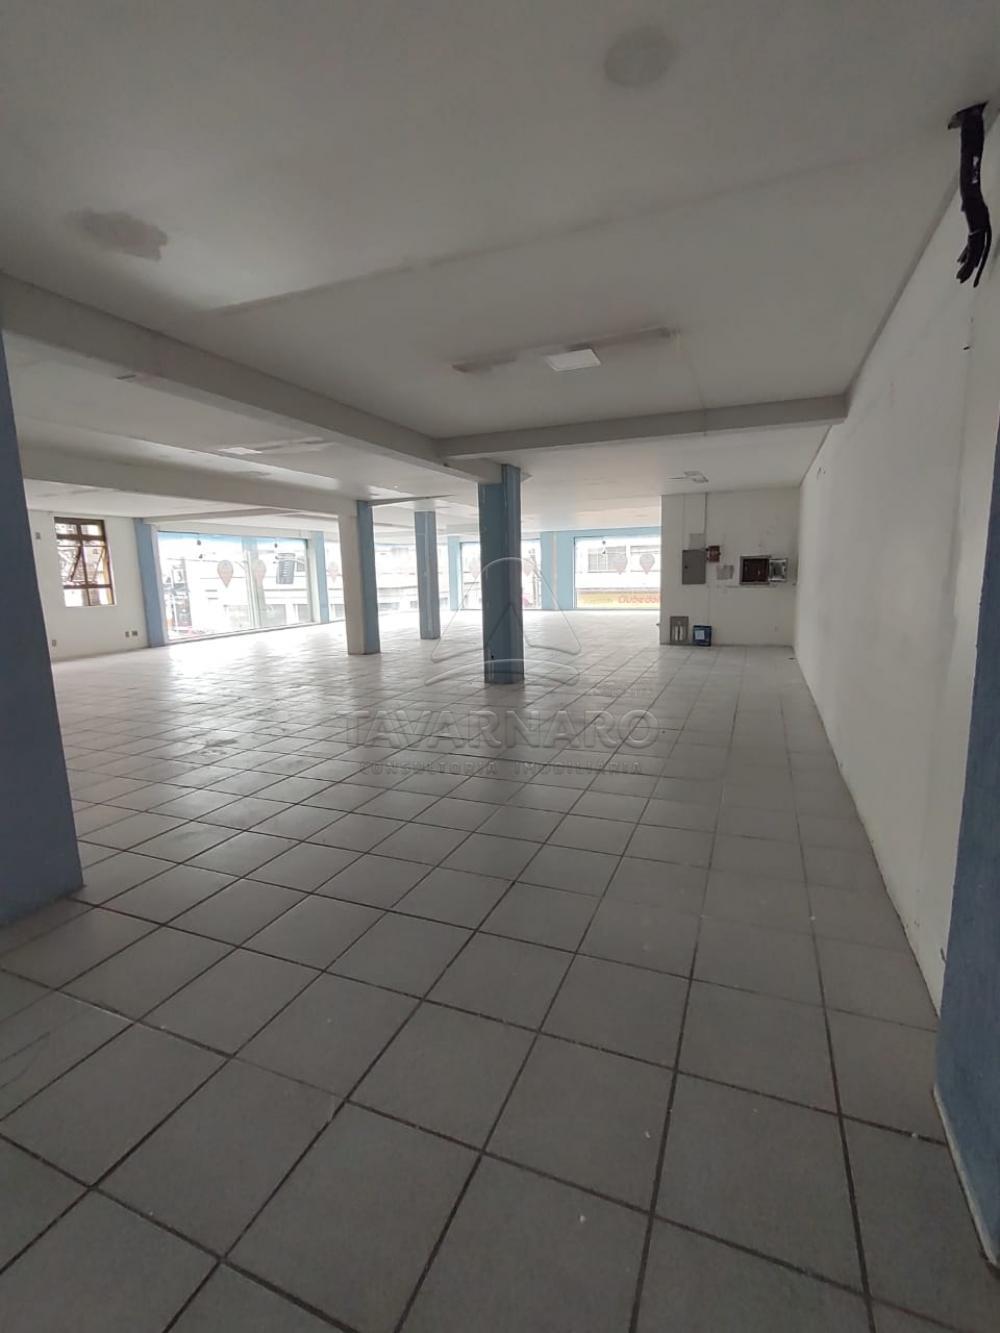 Alugar Comercial / Sala em Ponta Grossa R$ 5.142,00 - Foto 3